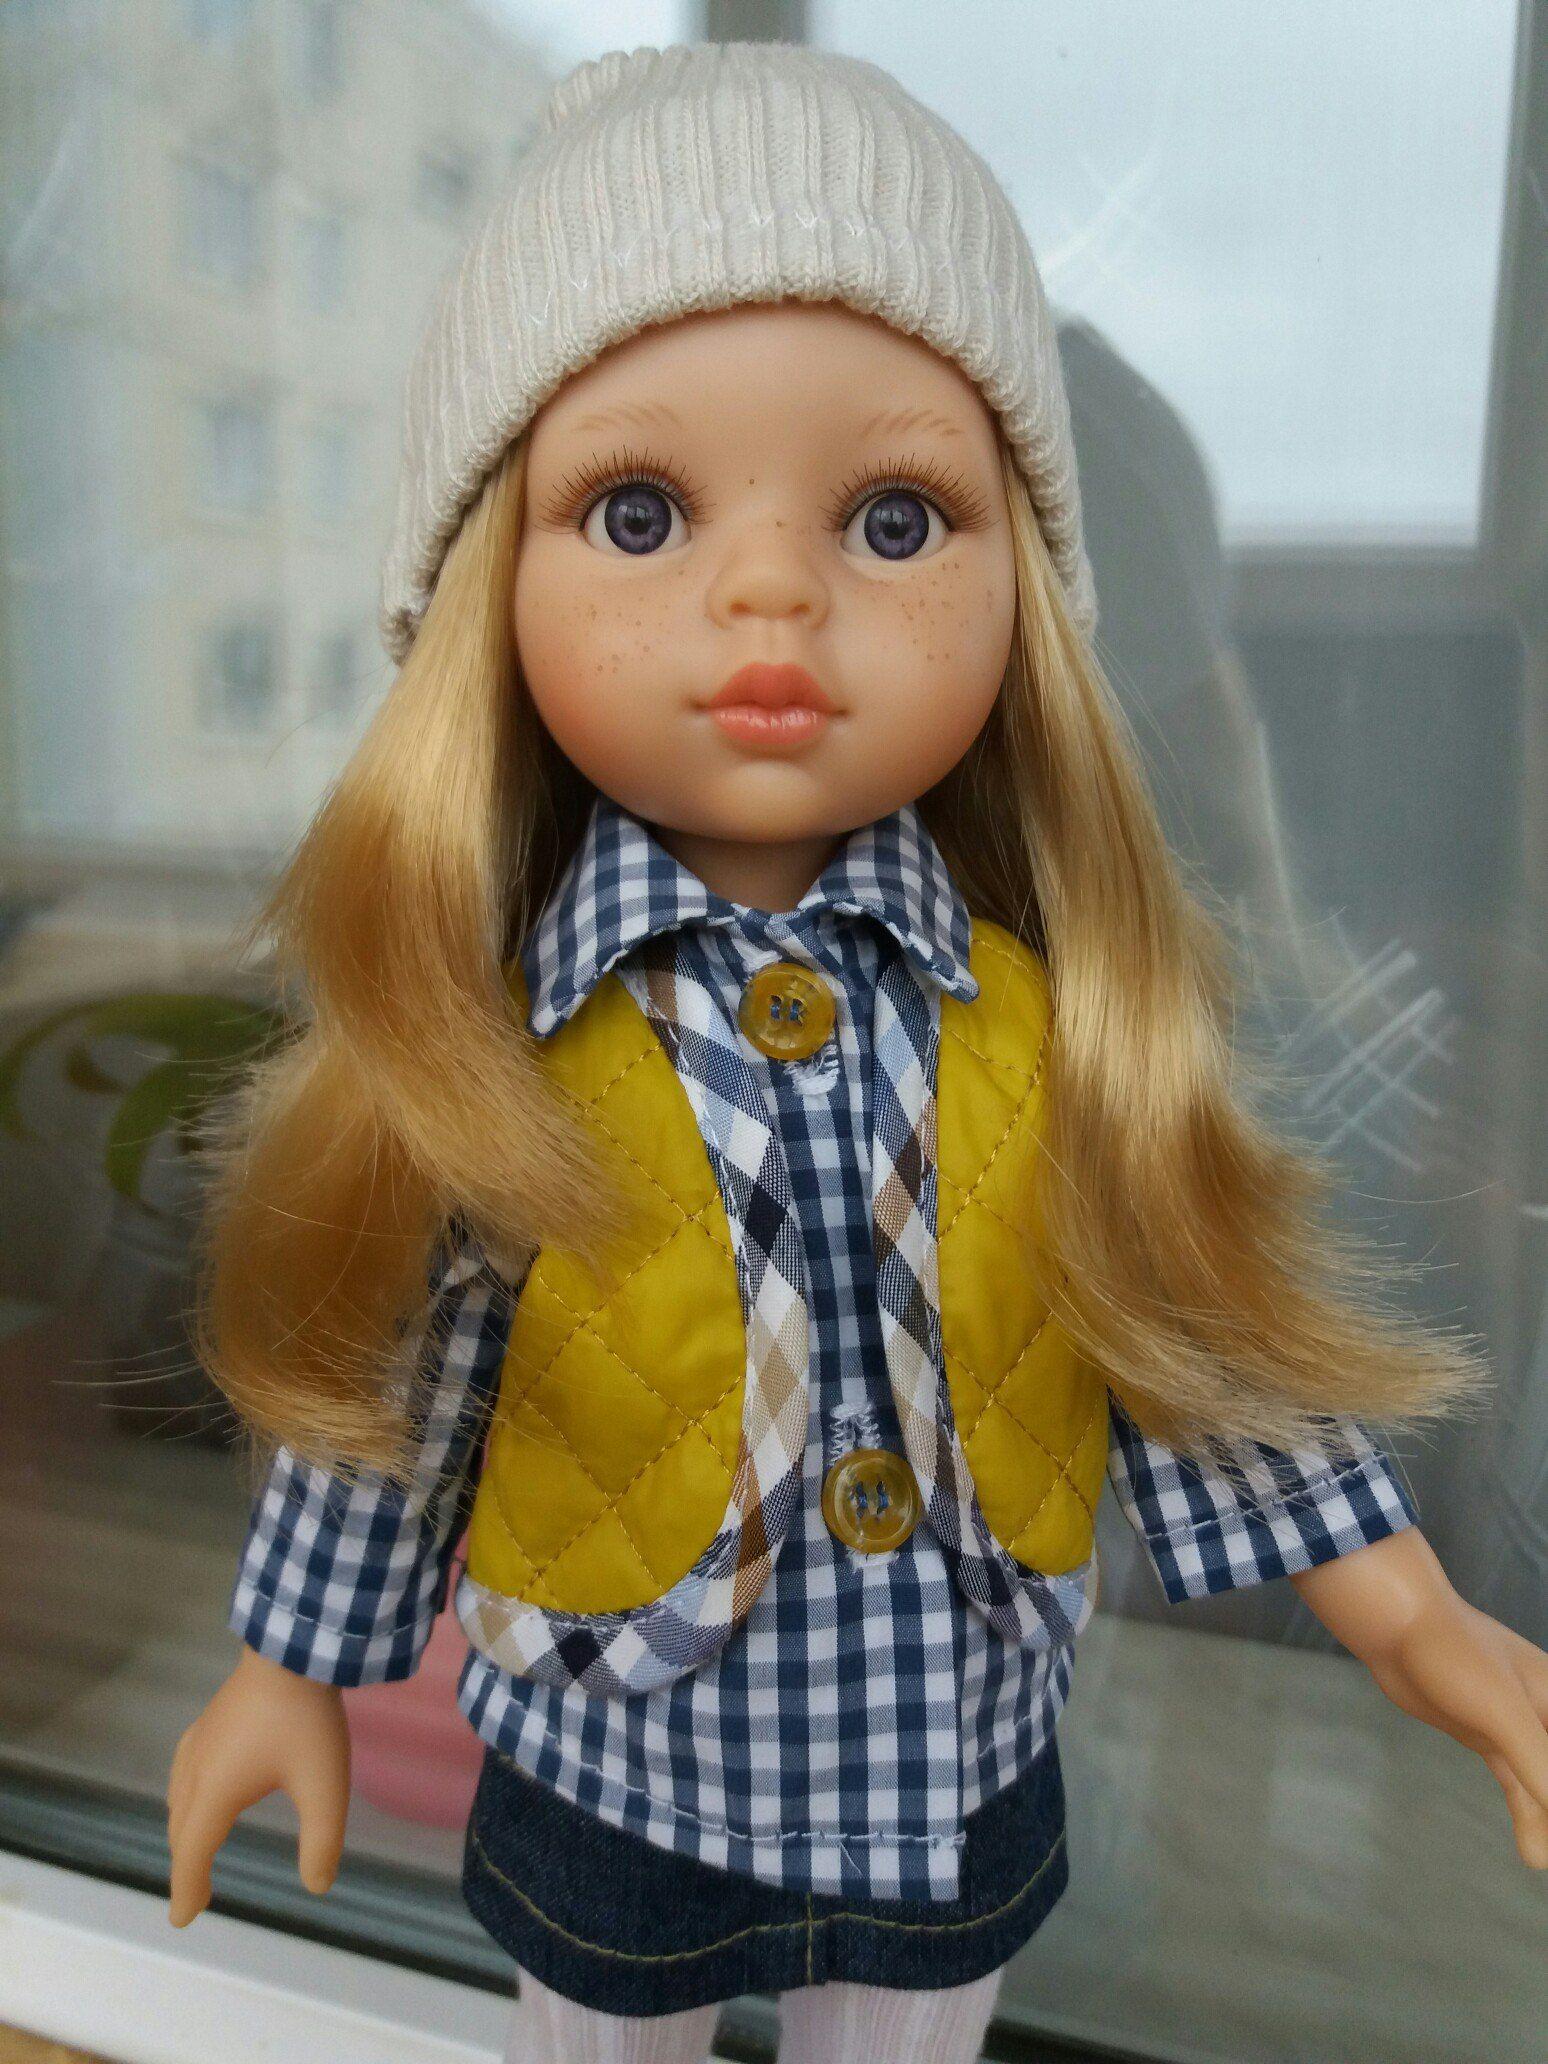 Испанские куклы Paola Reina   Одежда для куколок, Одежда